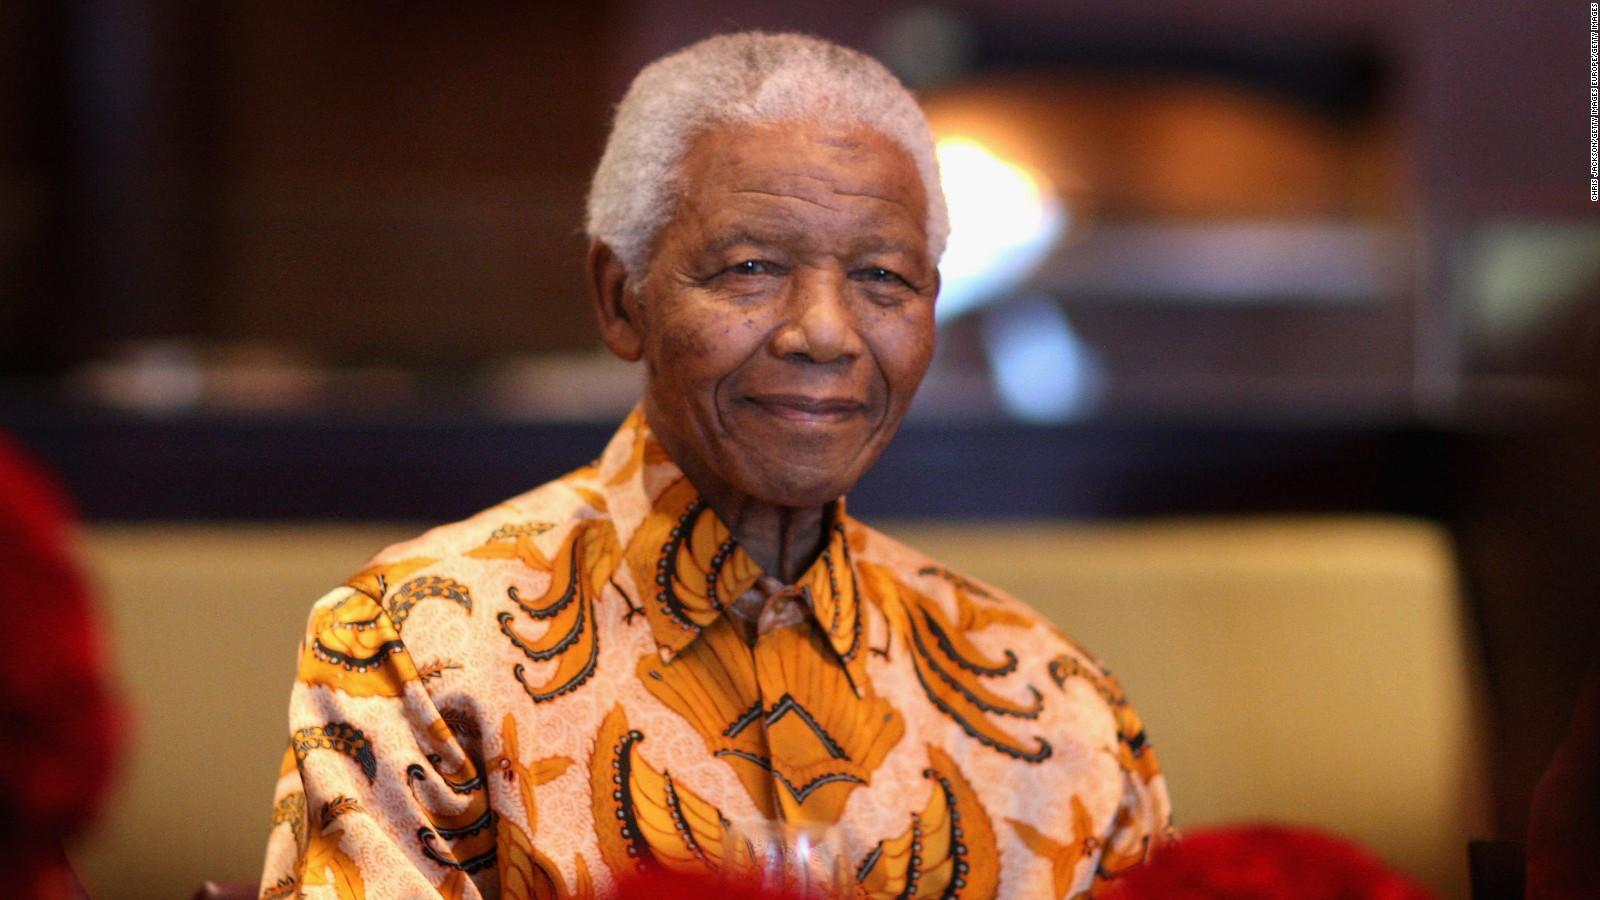 ¿Quién le dio el nombre Nelson a Mandela?